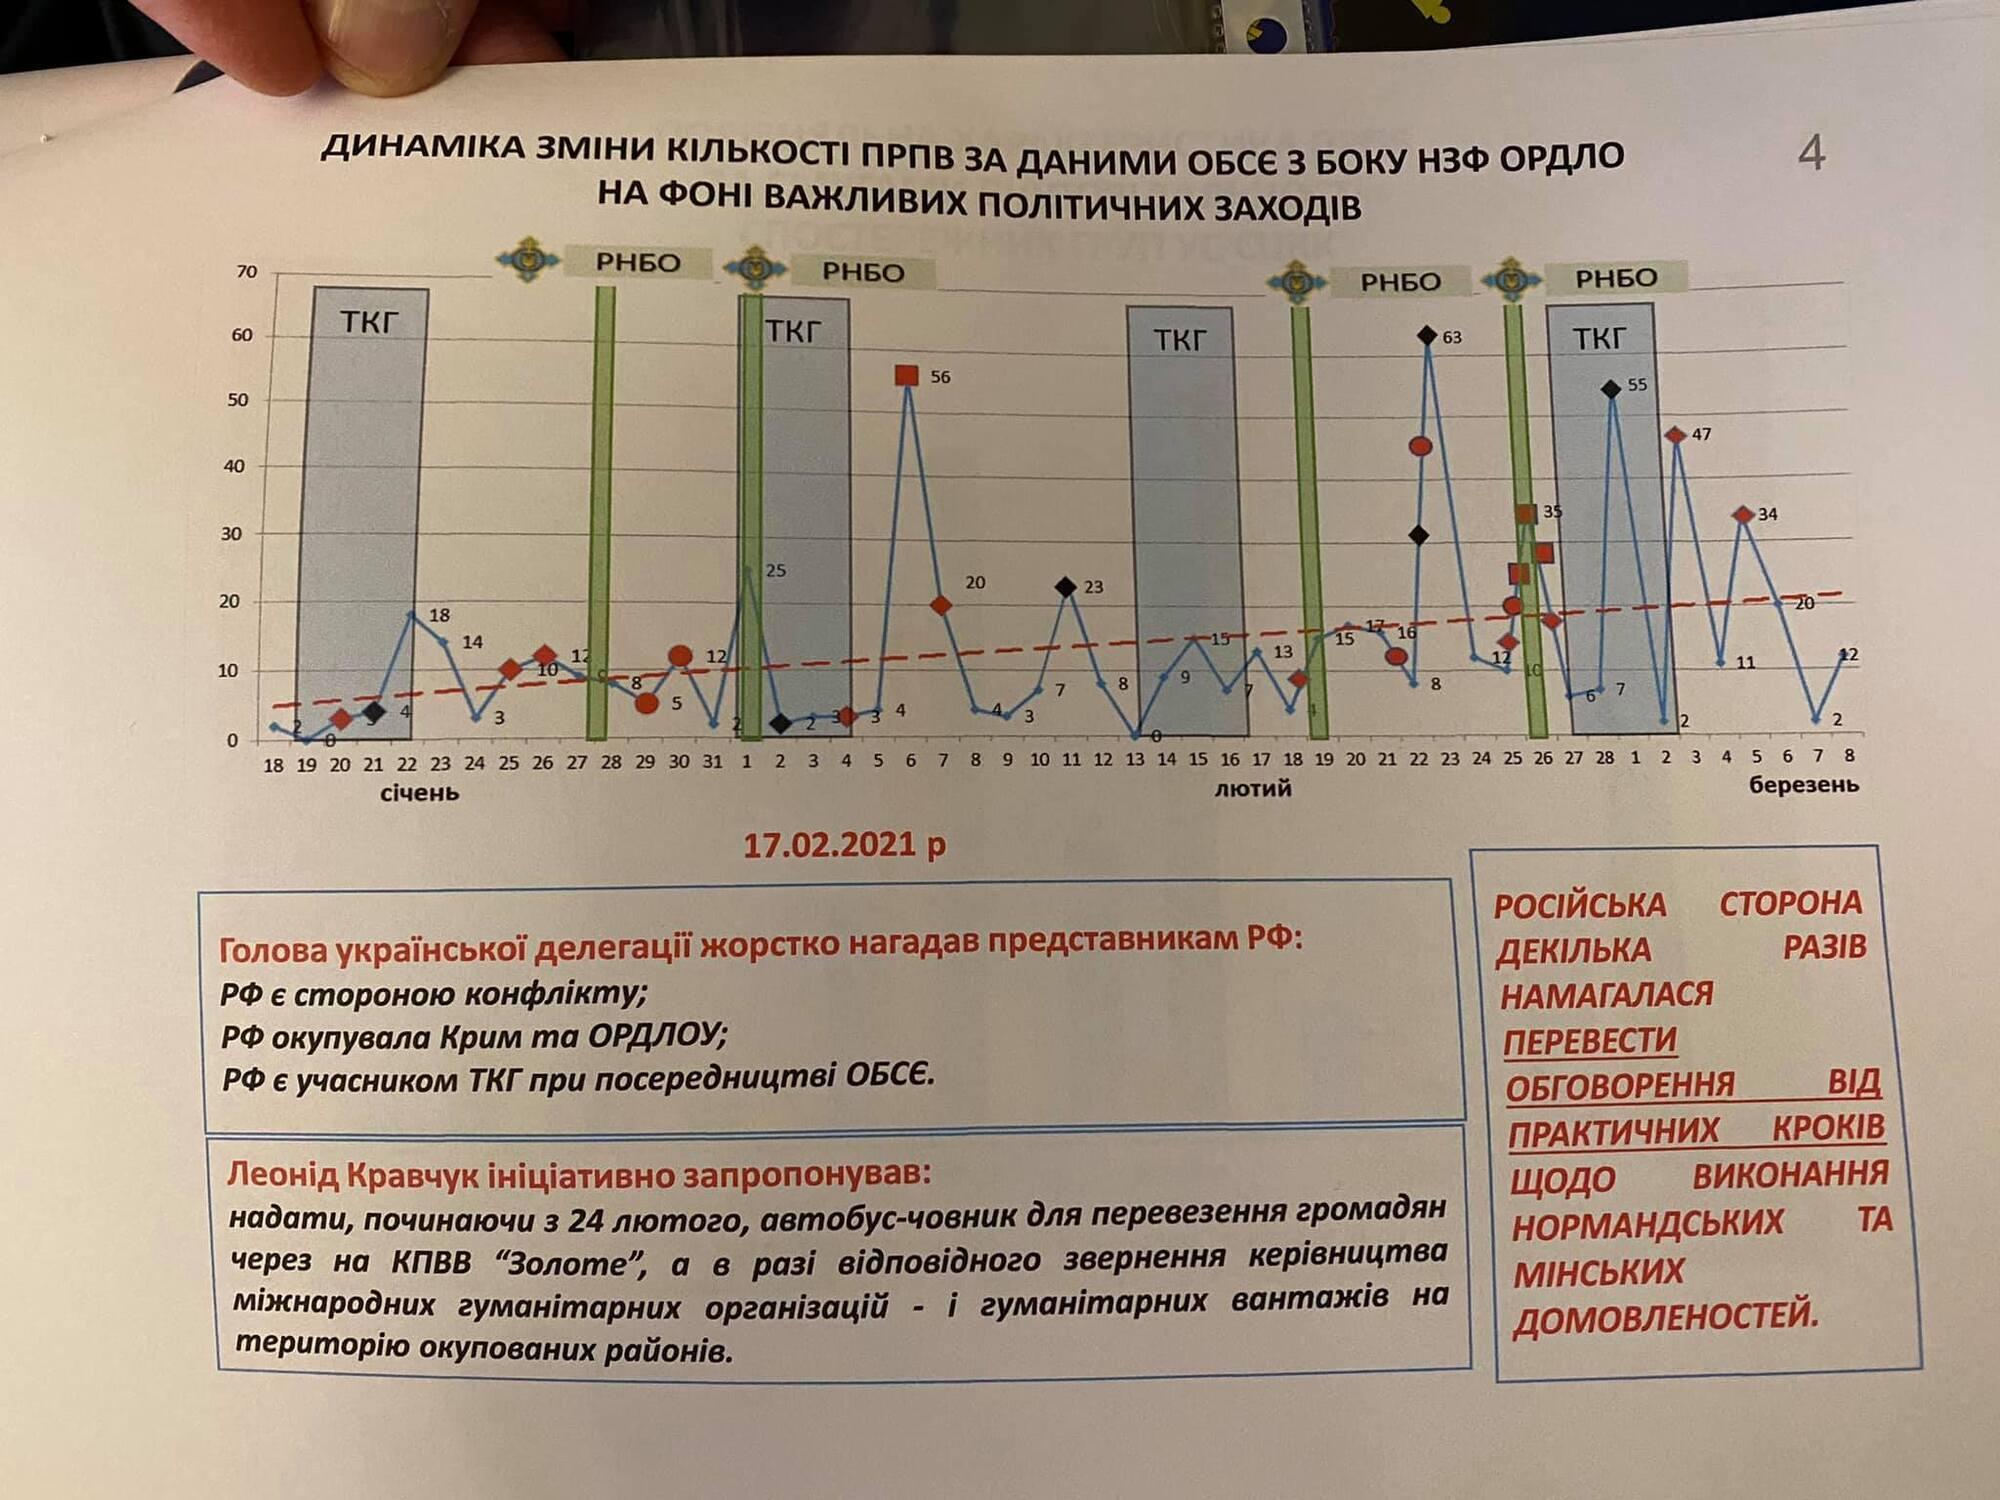 Графік прив'язки кількості обстрілів на фронті до засідань РНБО України і ТКГ